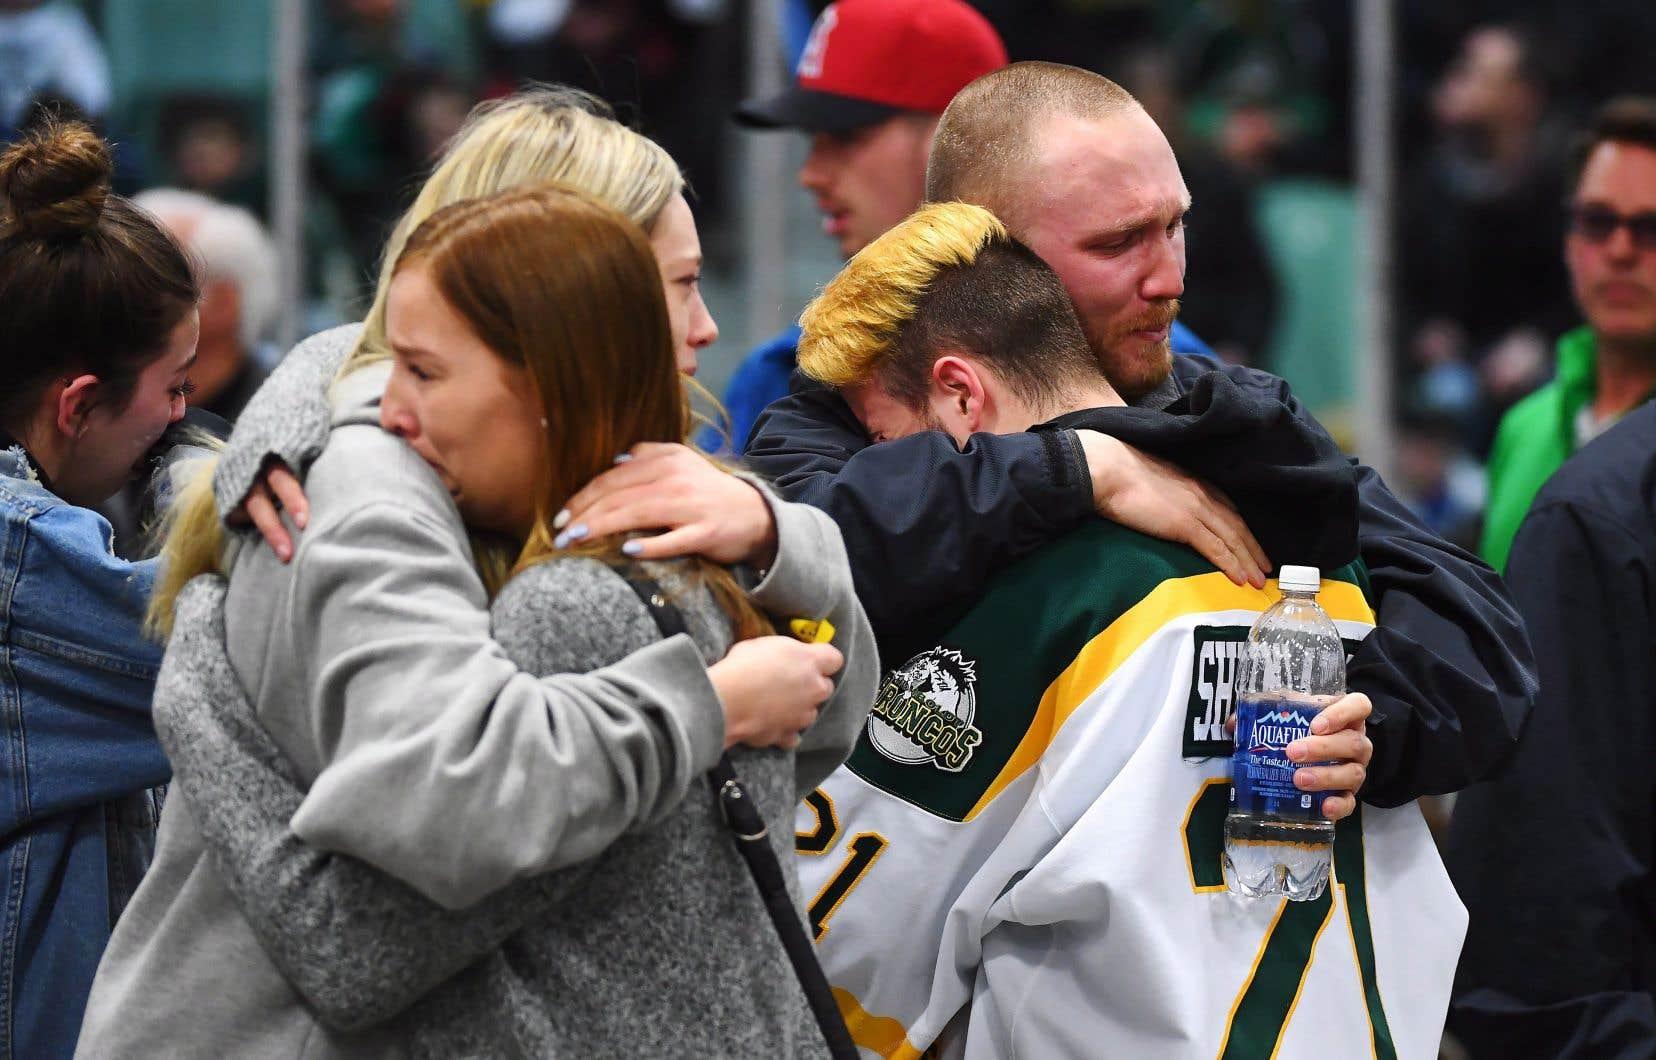 Des gens endeuillés se réconfortent en assistant à une veillée à l'aréna Elgar Petersen, domicile des Broncos de Humboldt, en l'honneur des victimes de l'accident d'autobus à Humboldt.